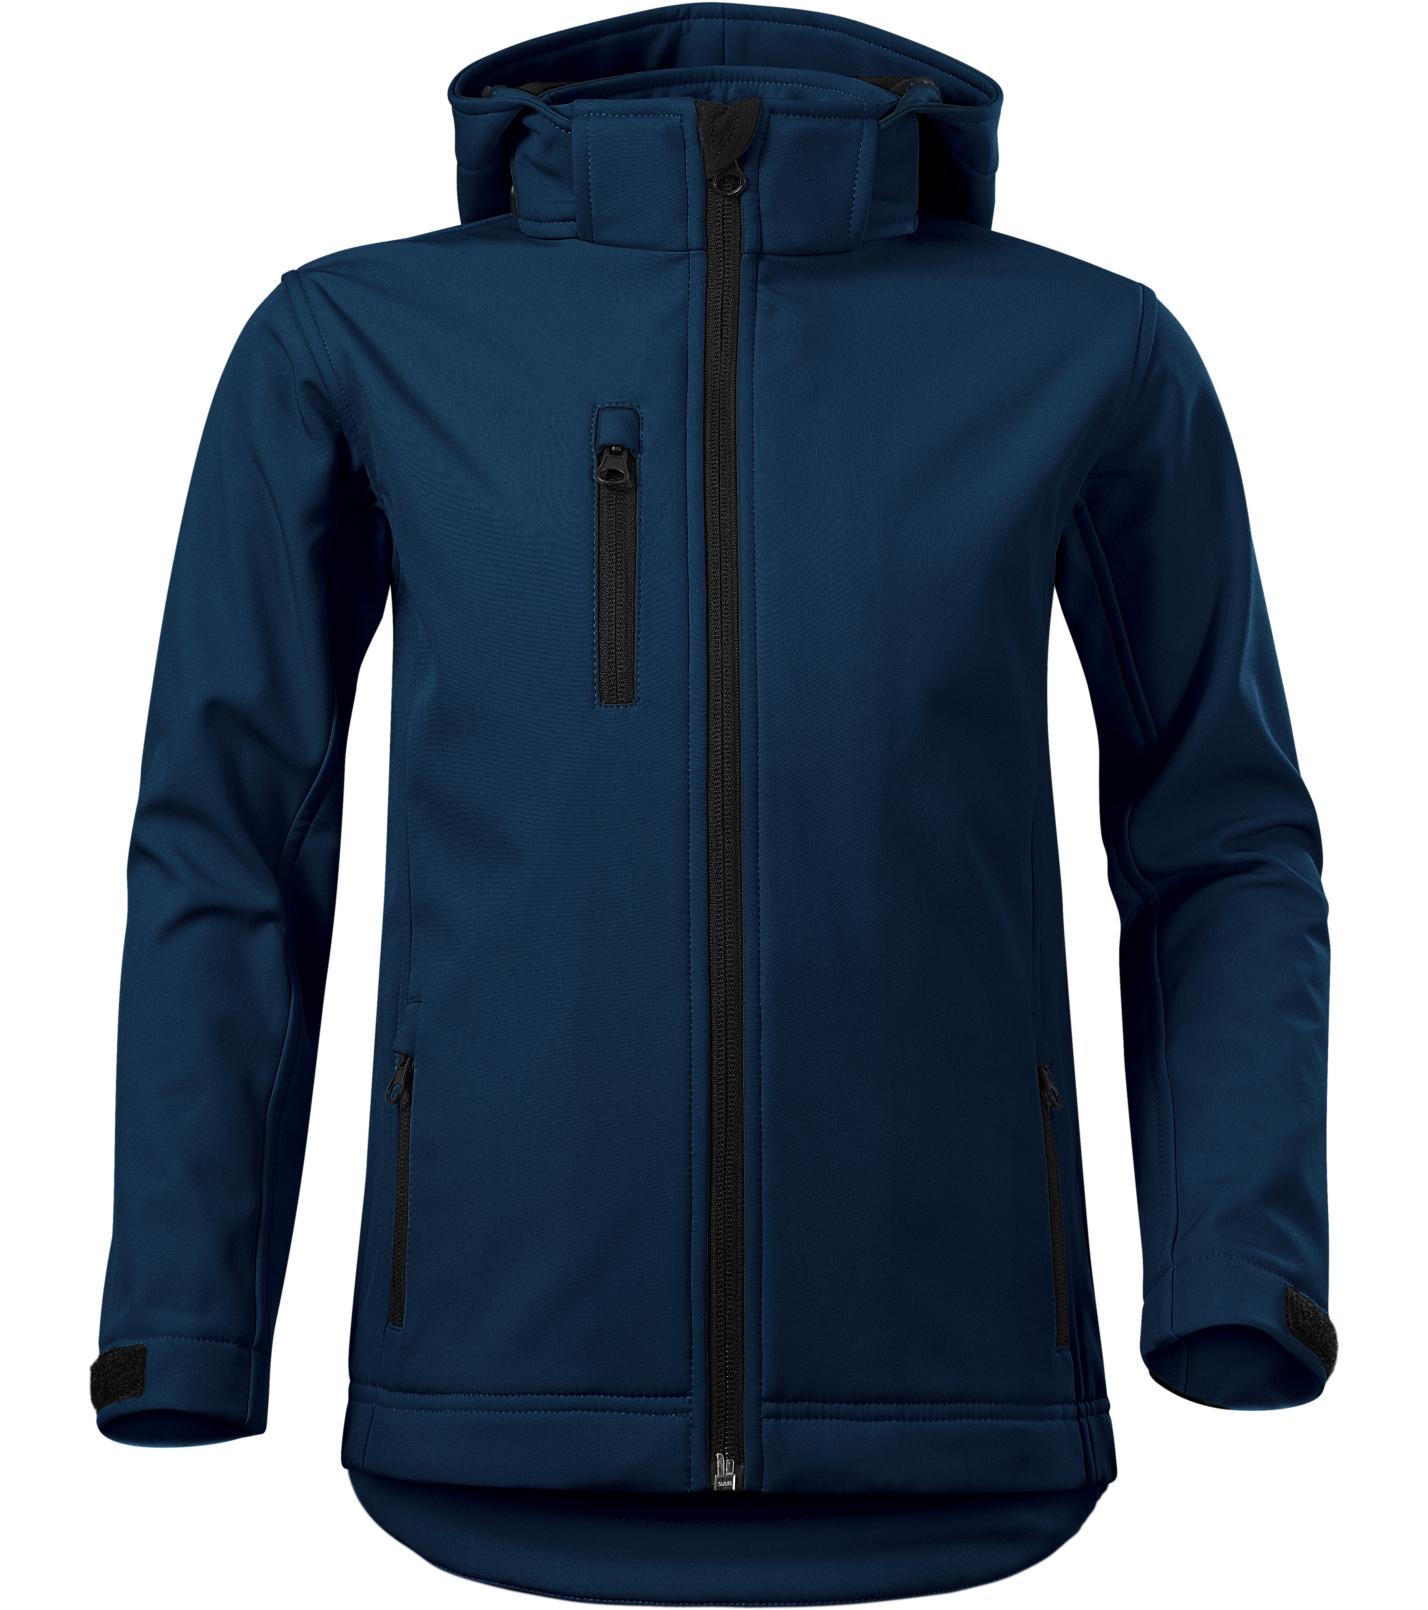 Malfini Performance Dětská softshellová bunda 53502 námořní modrá 134